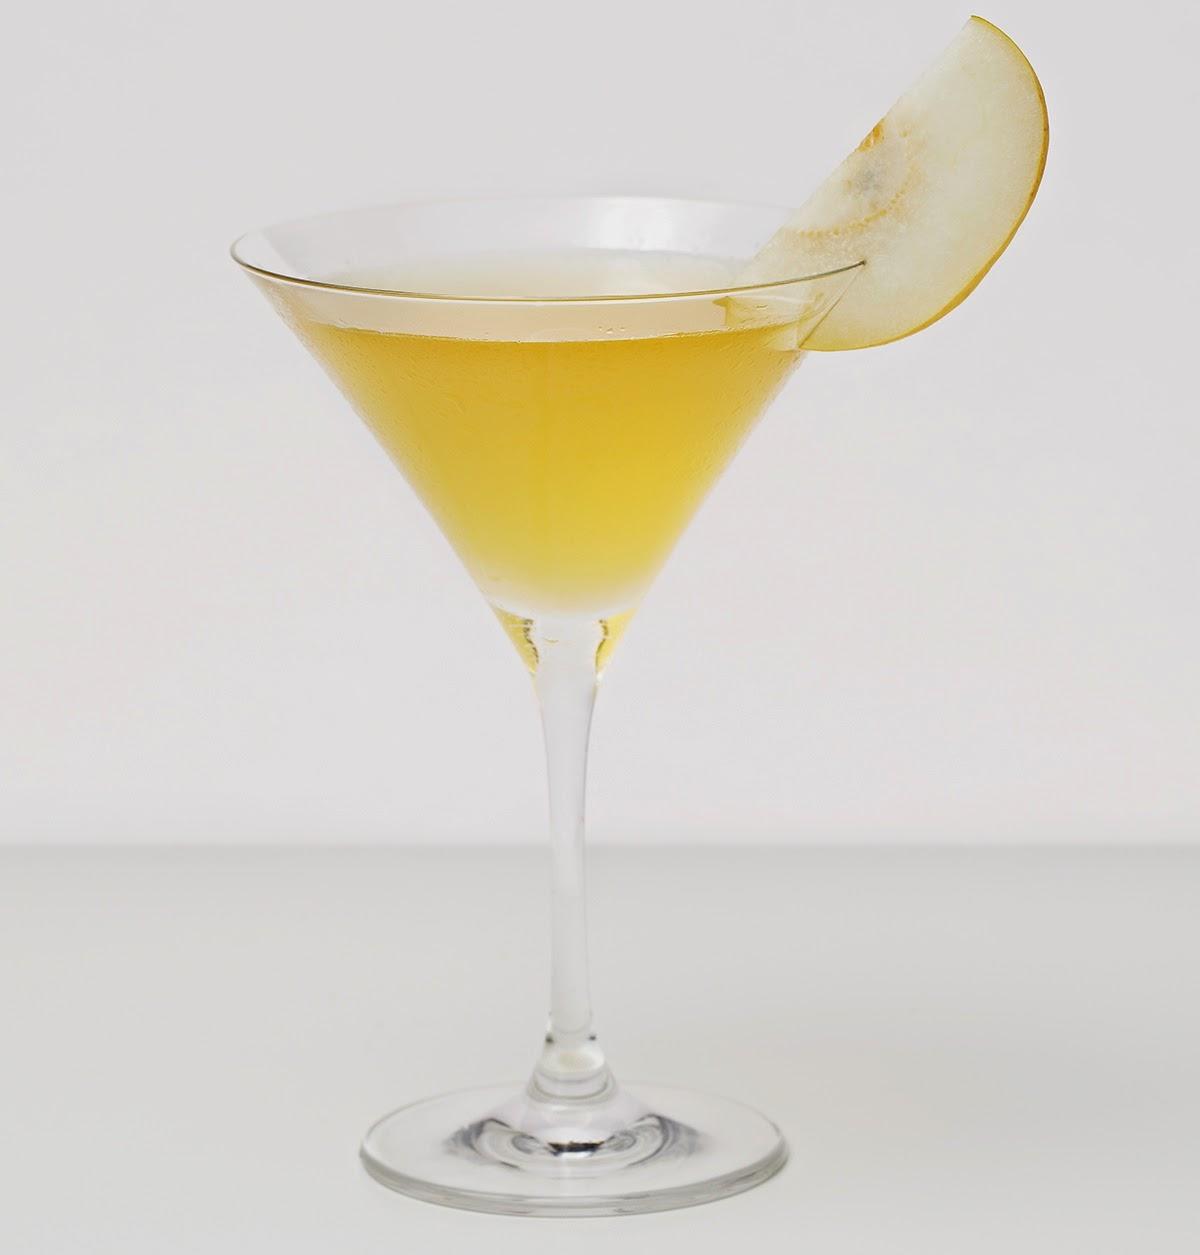 Oh So Tasty: Roy's Asian Pear Martini